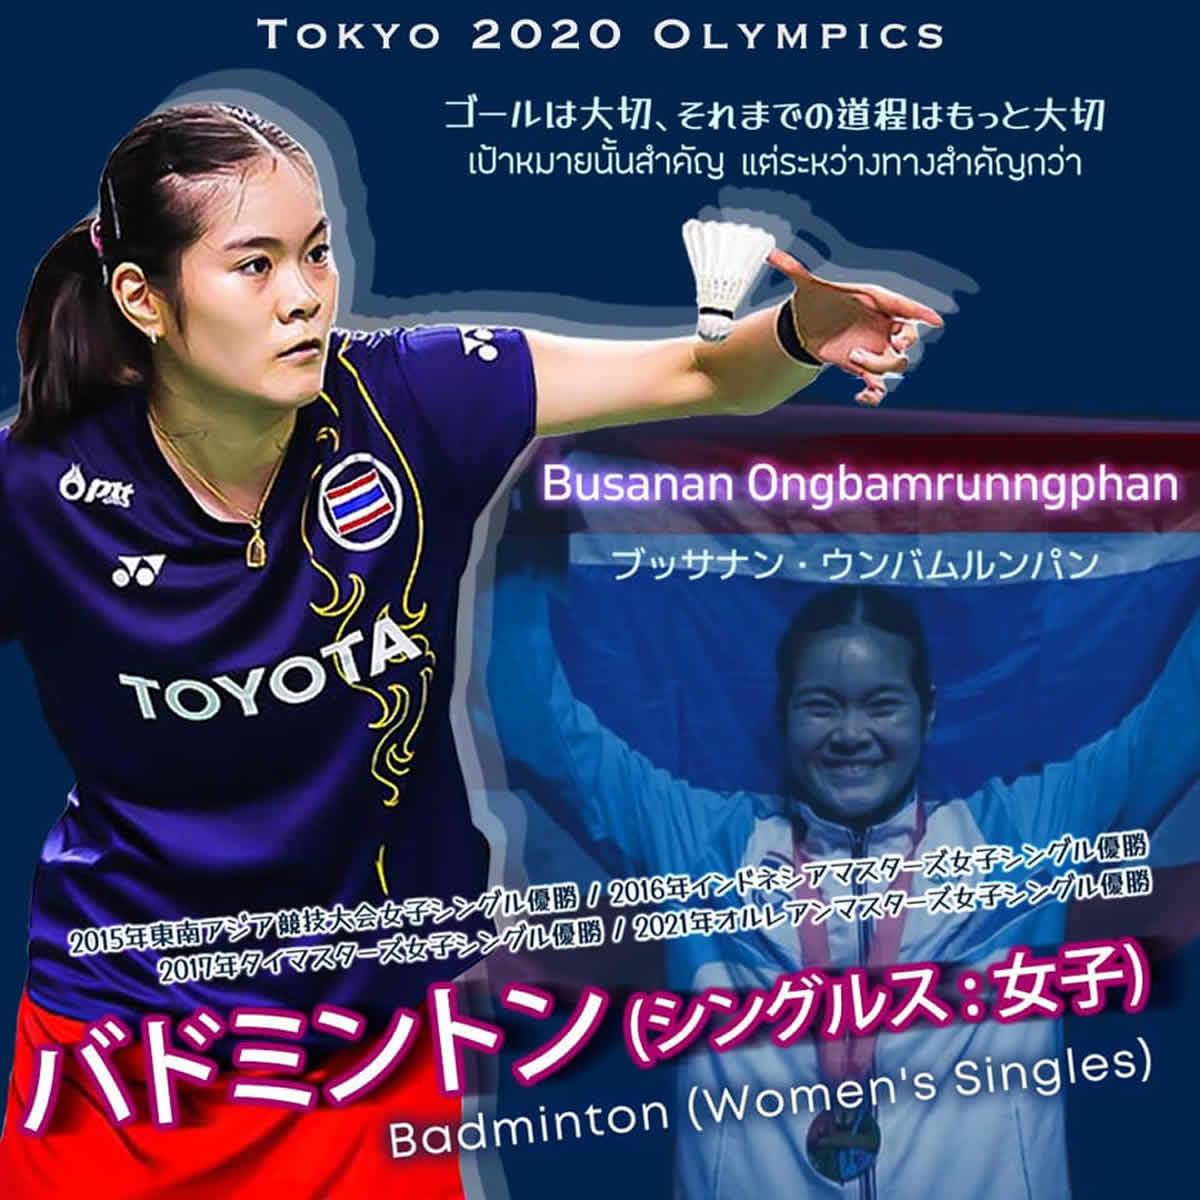 ブッサナン・ウンバムルンパン(クリーム)選手[女子バドミントン タイ代表]東京2020オリンピック